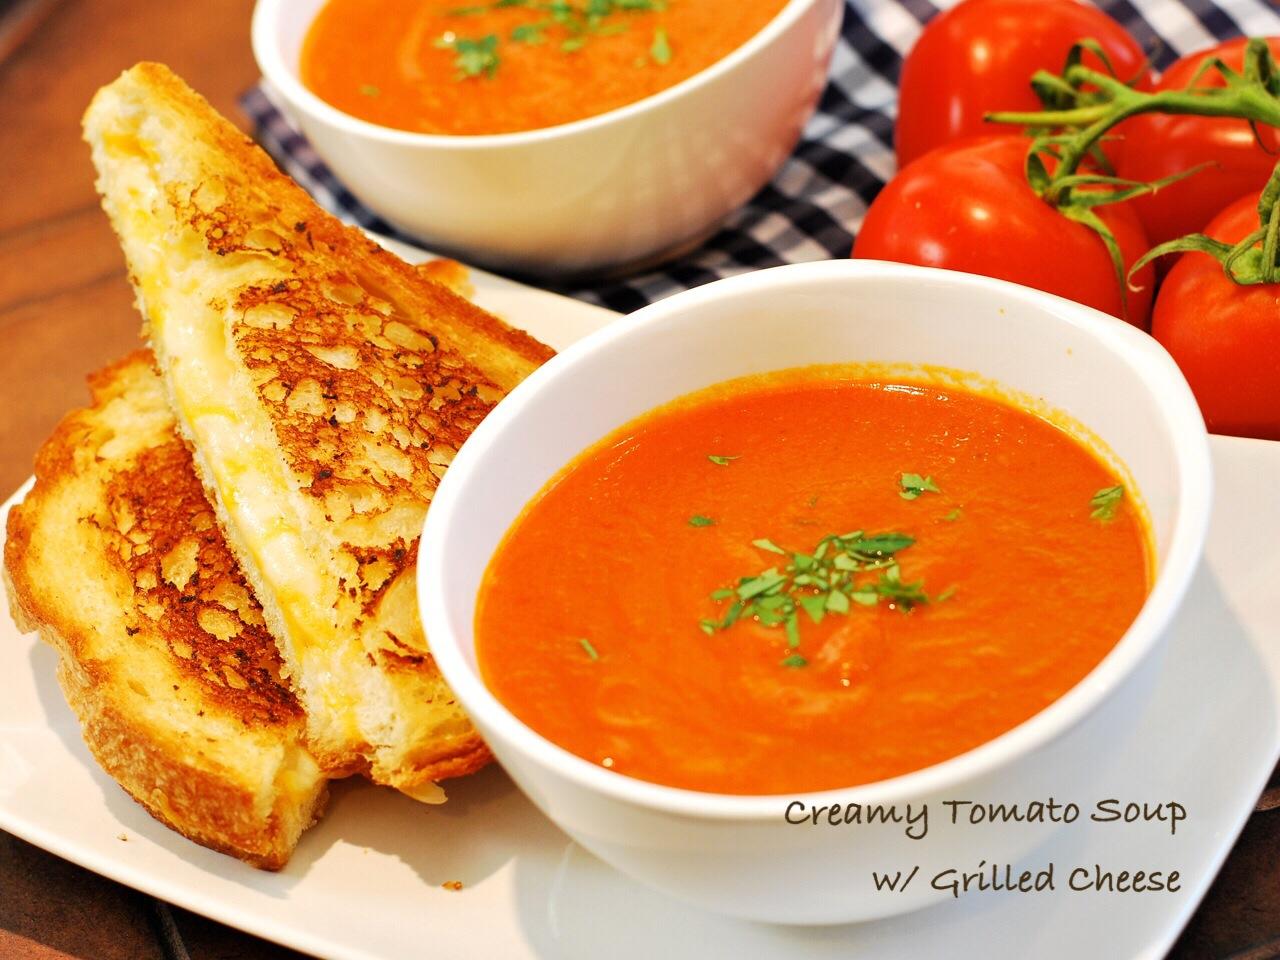 [貝兒實驗室] 美式午餐精選:蕃茄濃湯與起司三明治